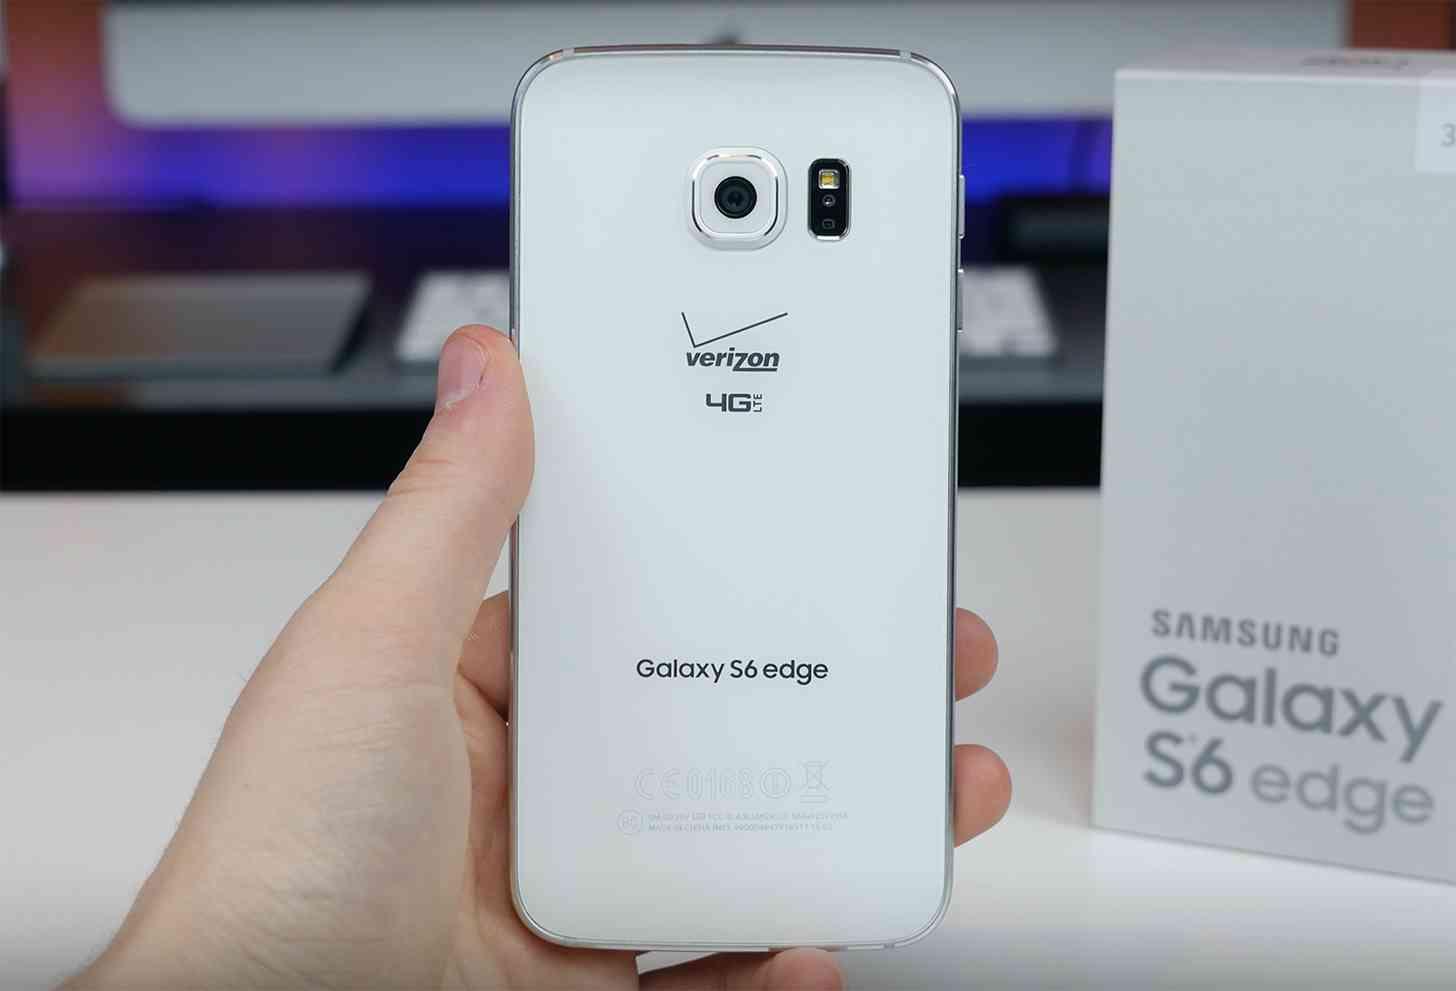 Verizon Samsung Galaxy S6 edge